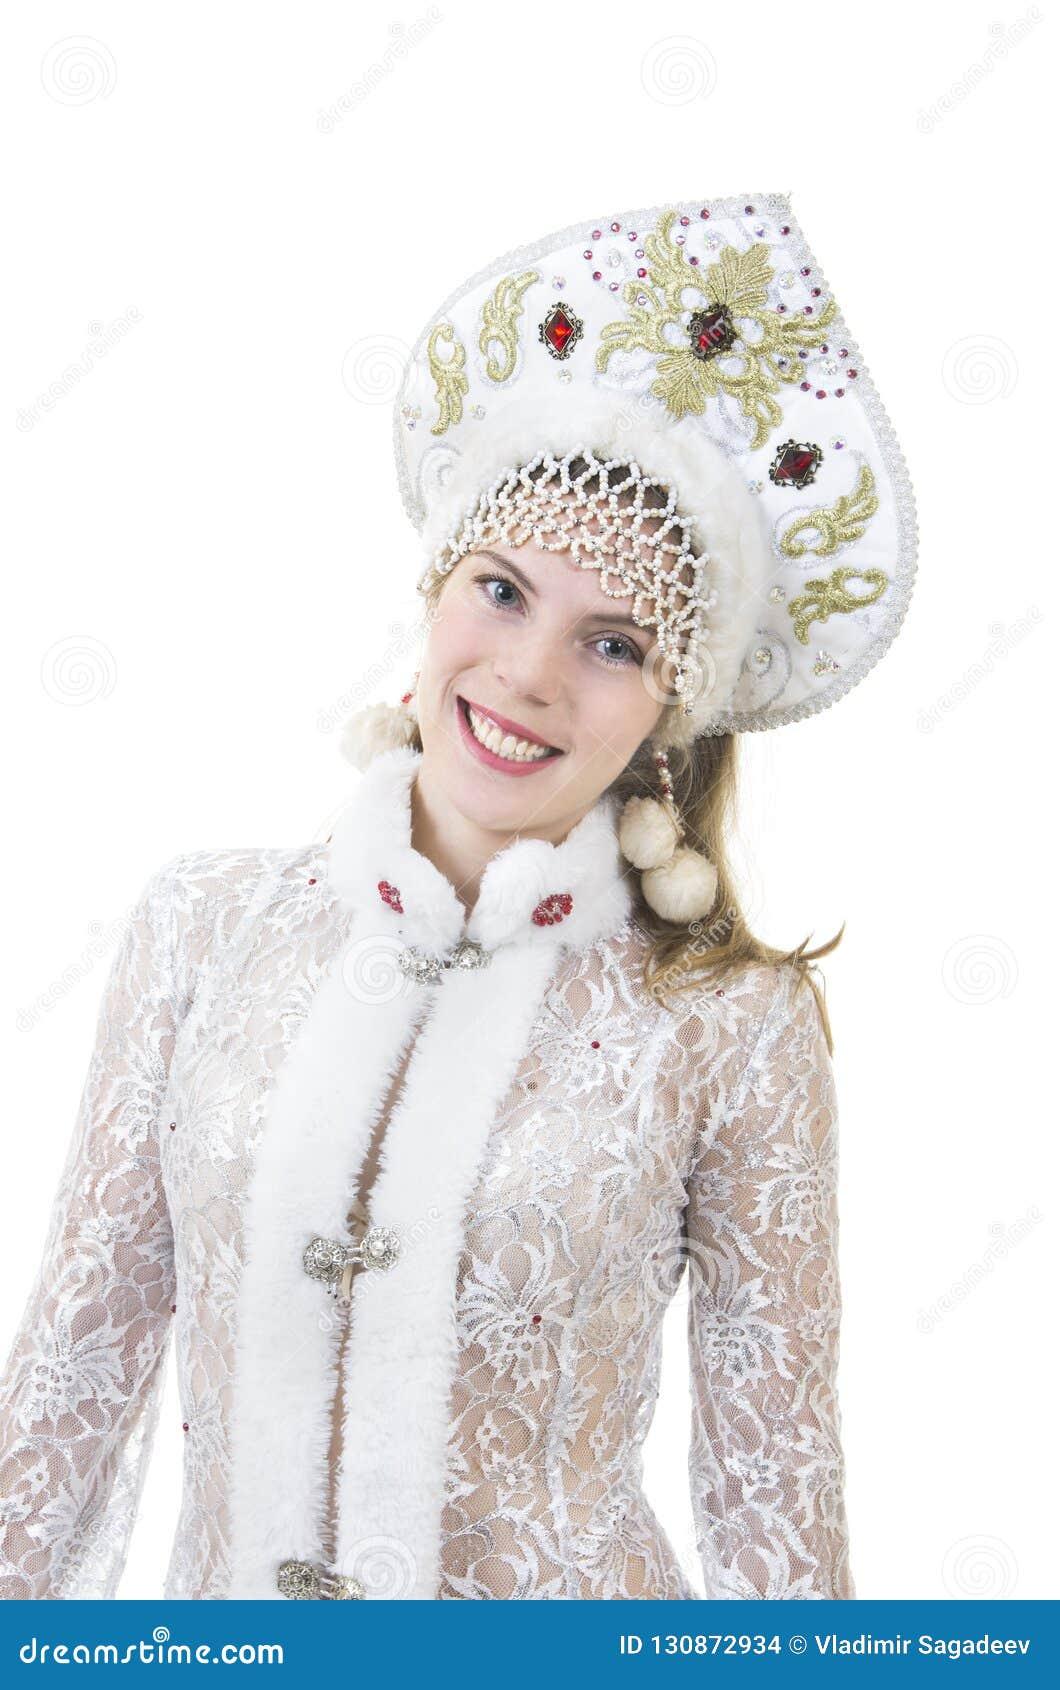 Όμορφη, ευτυχής γυναίκα με μακρυμάλλη, ντυμένος ως χαμόγελο Άγιου Βασίλη Χριστούγεννα - νέο έτος καρναβάλι